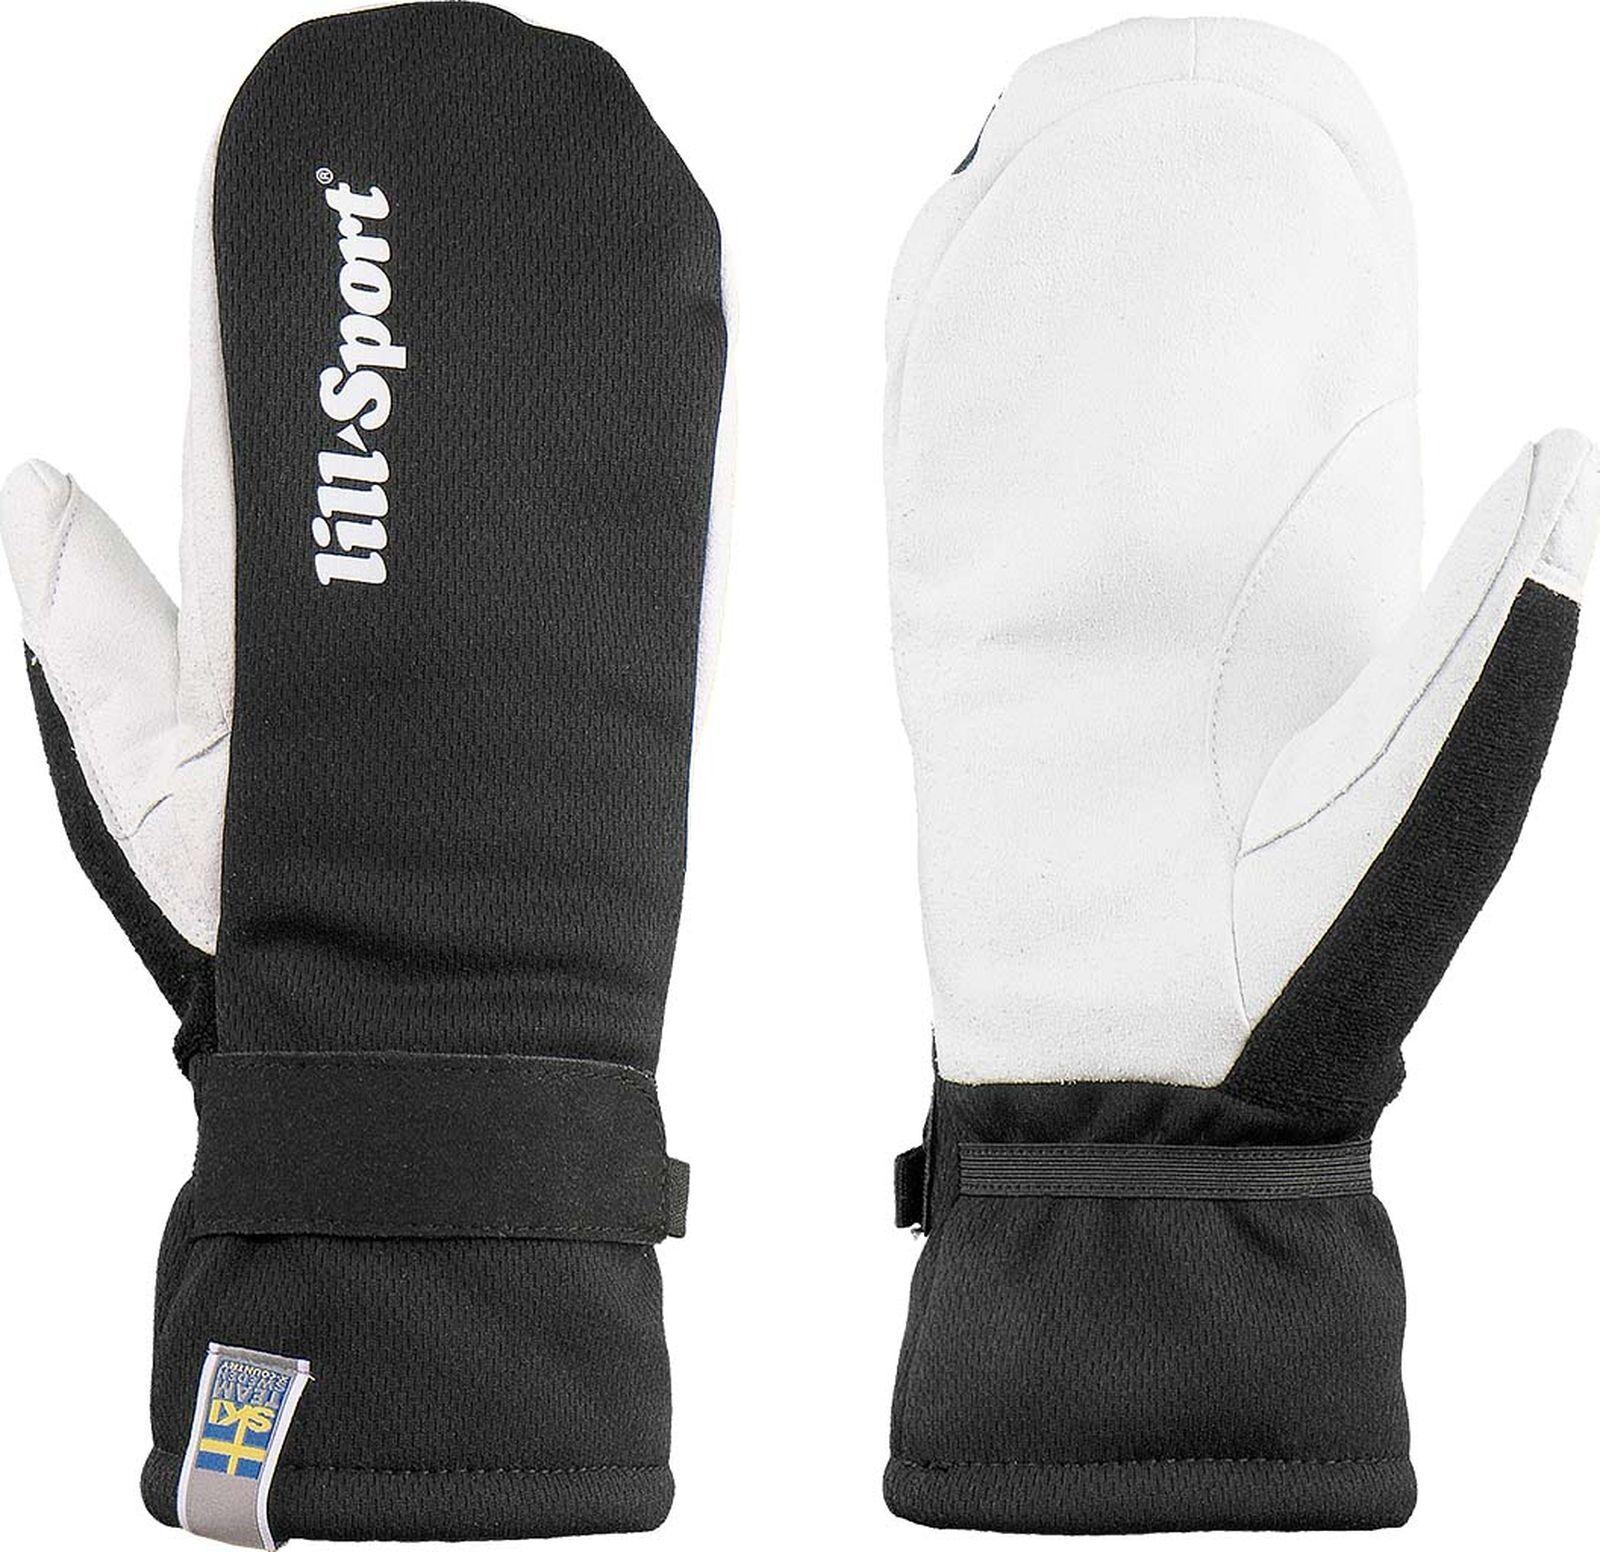 Перчатки лыжные Lillsport Mitt 1, 0116/00, черный, размер XL